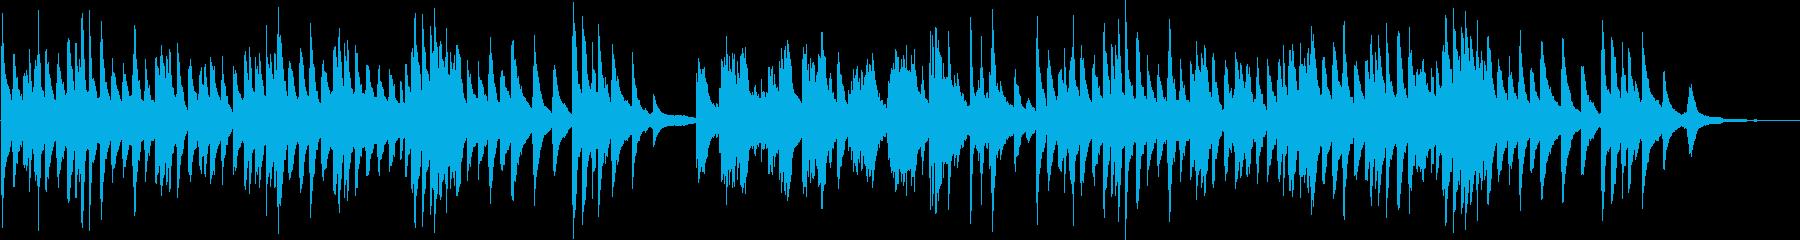 映画、ドキュメンタリー等の映像BGMにの再生済みの波形